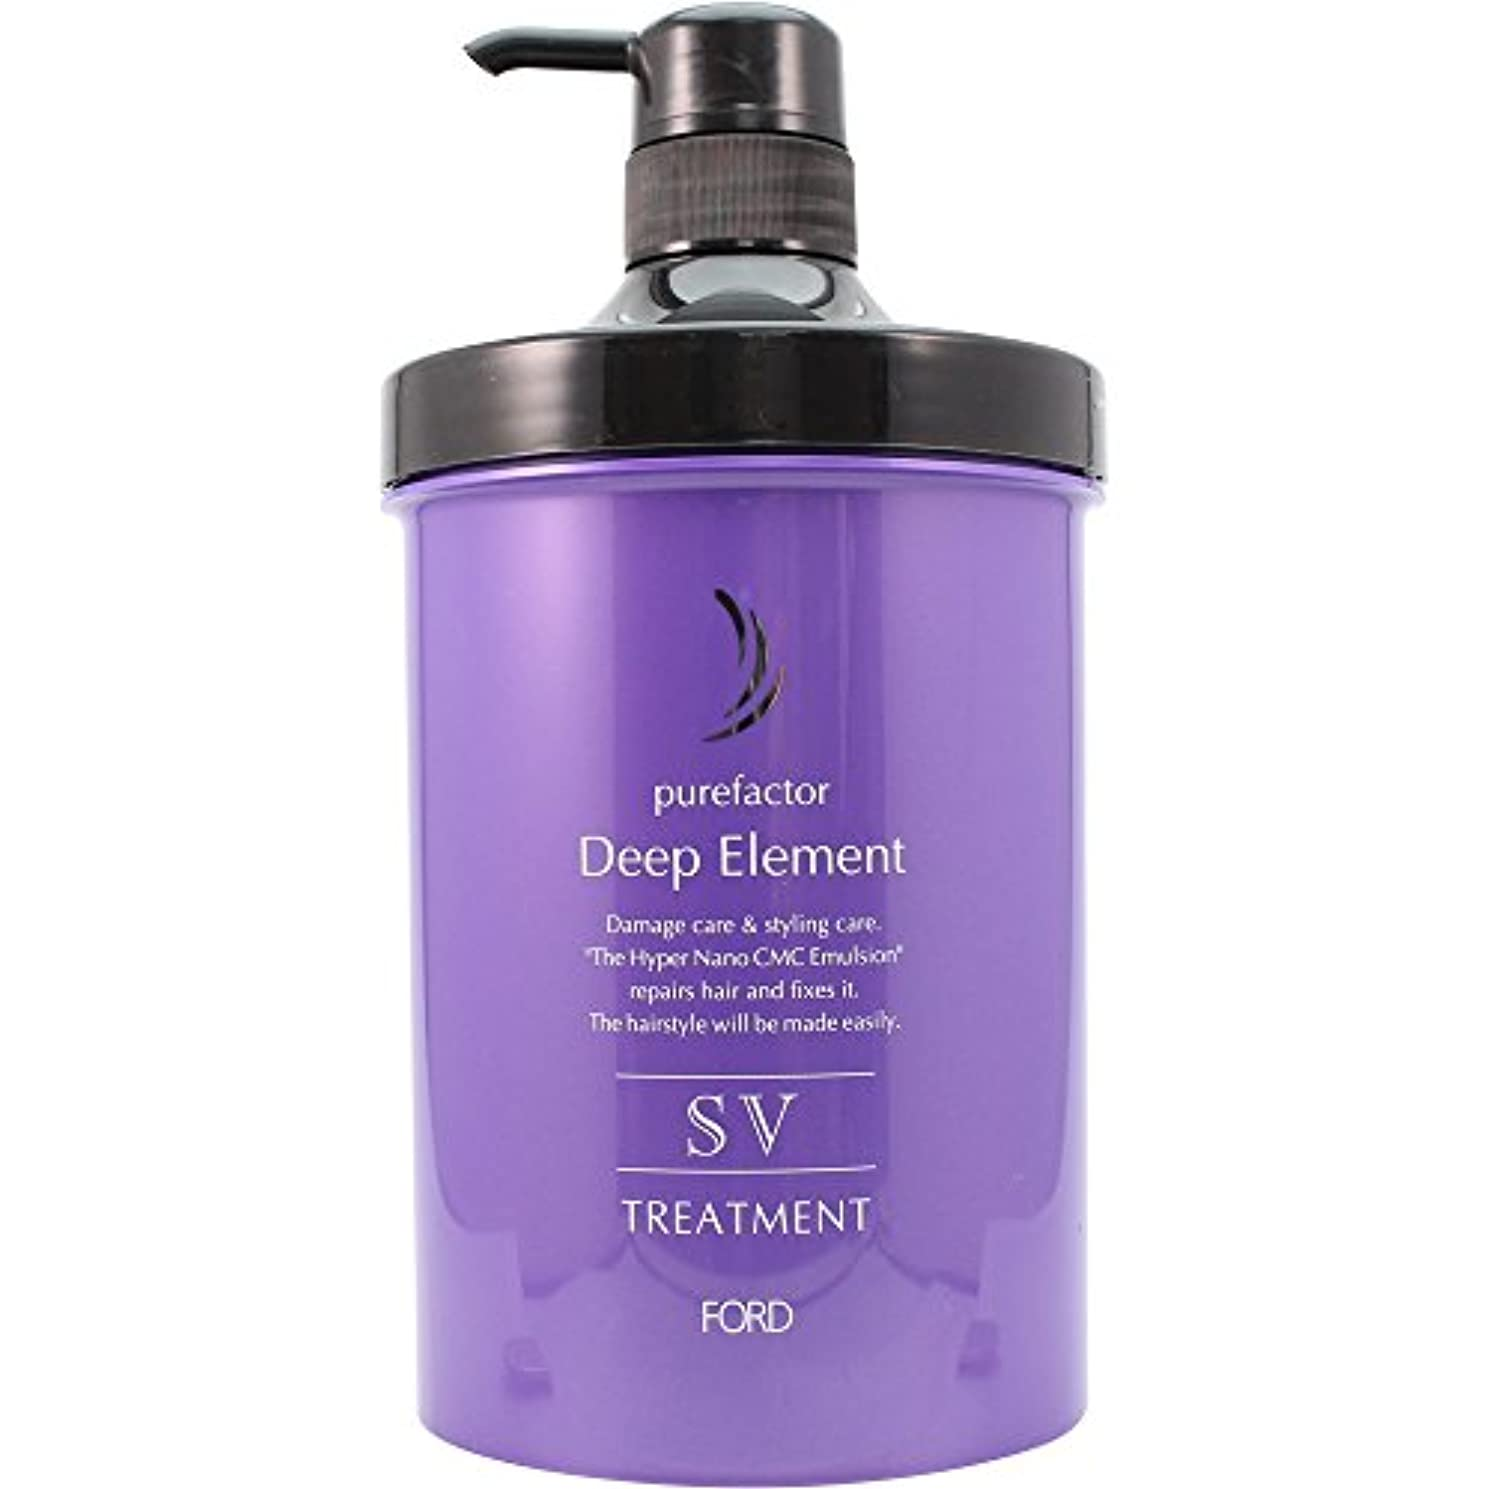 航空会社心からスラム街フォードヘア化粧品 ディープエレメント SV ヘアトリートメント 950g